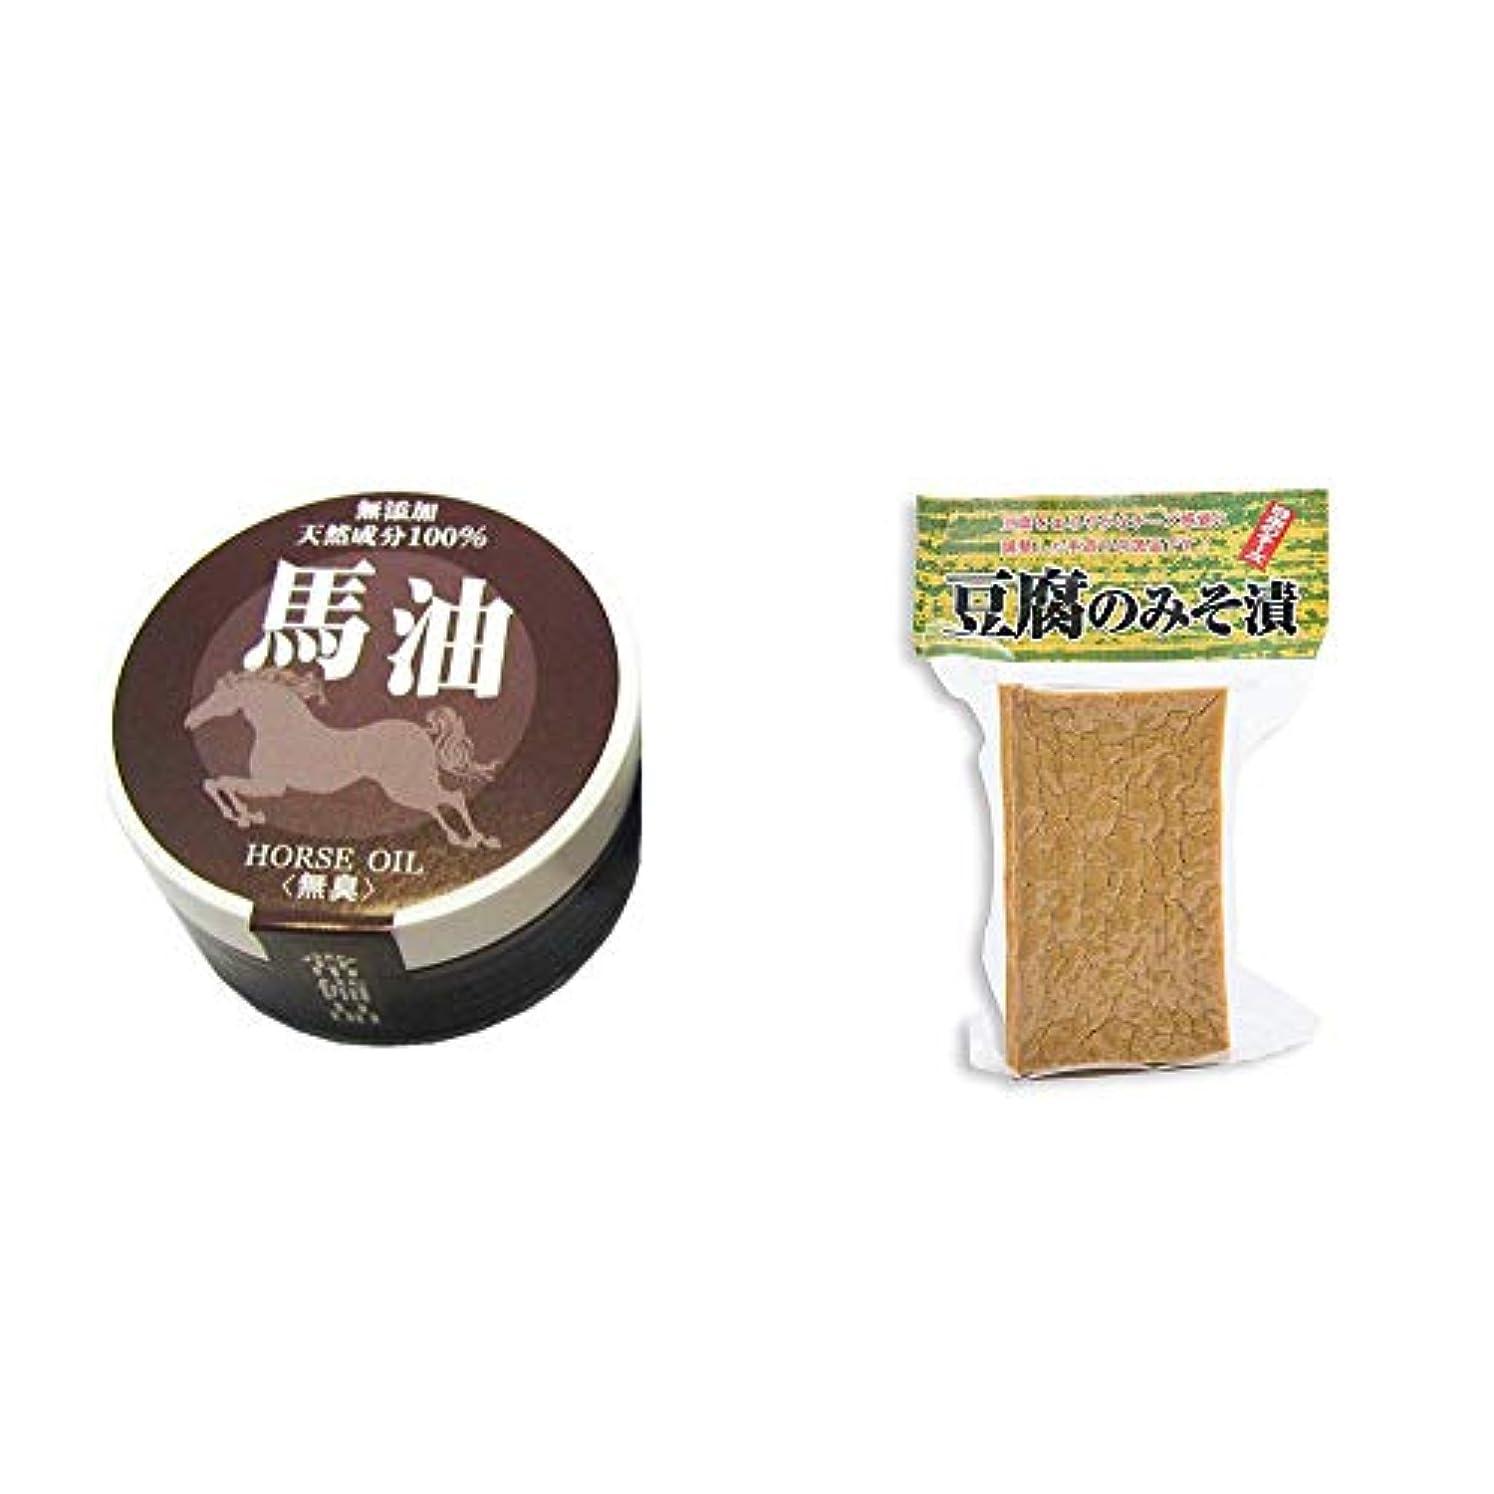 訪問波紋物理[2点セット] 無添加天然成分100% 馬油[無香料](38g)?日本のチーズ 豆腐のみそ漬(1個入)